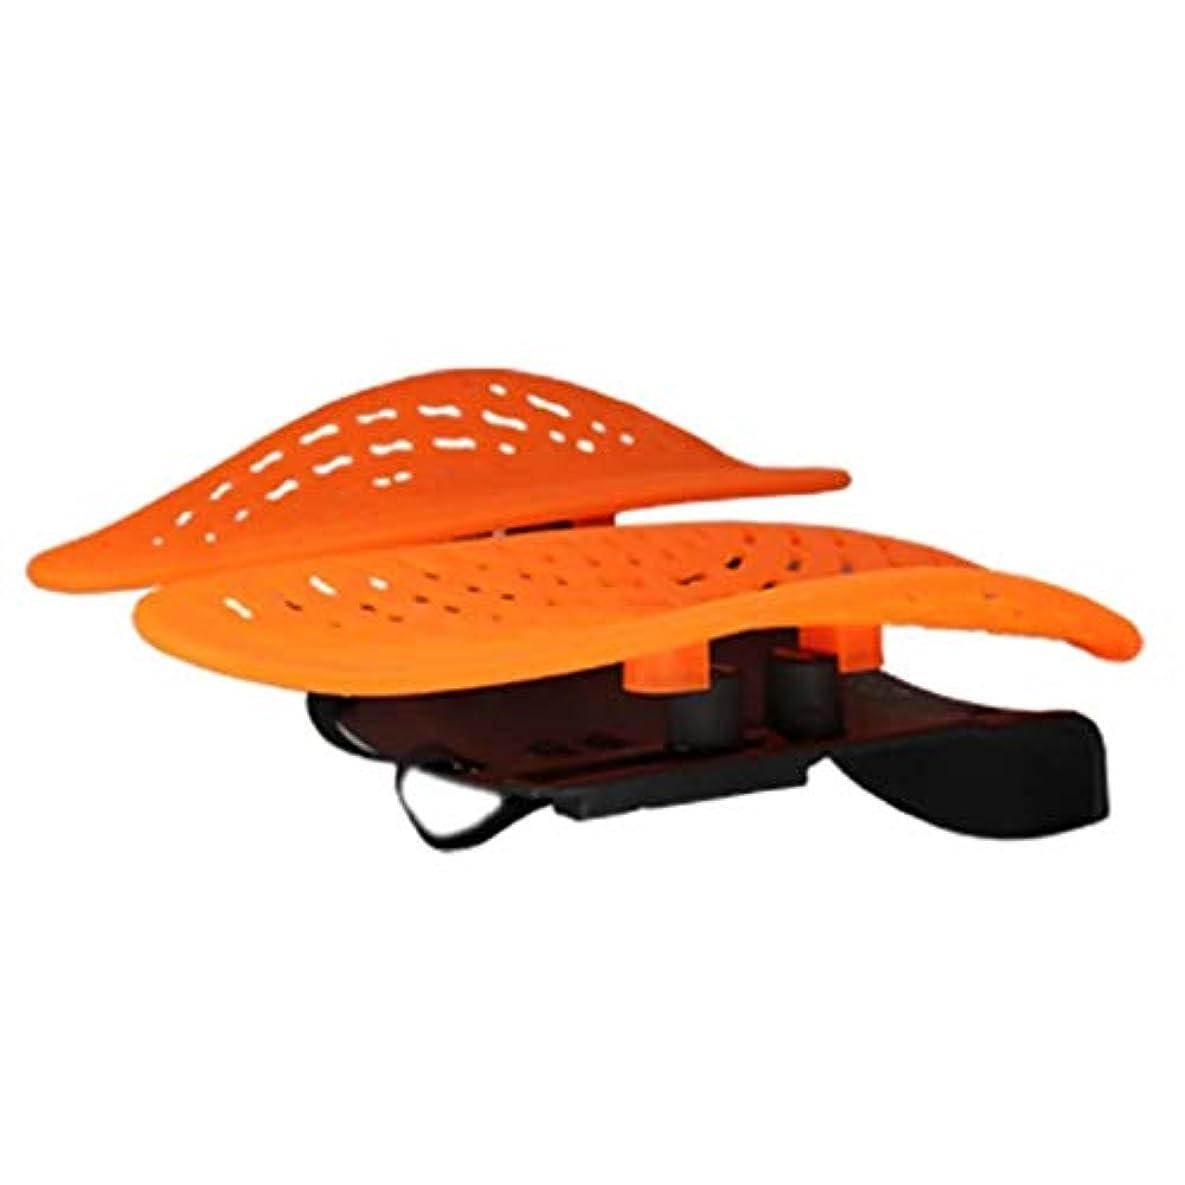 うまれた咲く押すウエストマッサージャー、腰椎サポートパッド、アイスシルクバックサポートパッド、ホーム/オフィスチェアや車に適し、背中の痛みを和らげる (Color : オレンジ)